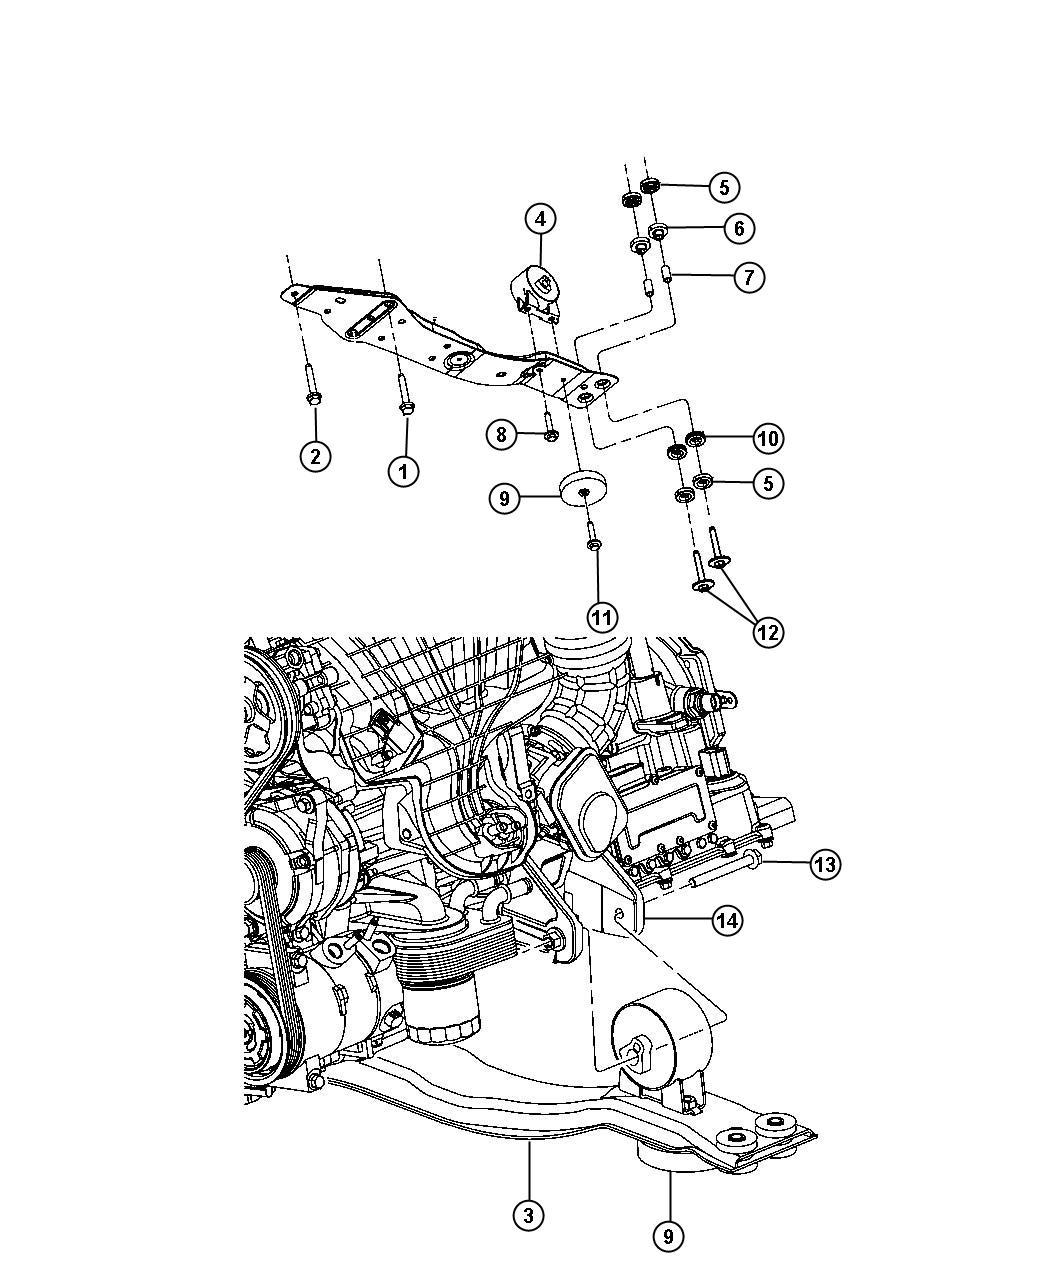 2013 chrysler 200 engine mounting front fwd 3 6l erb. Black Bedroom Furniture Sets. Home Design Ideas